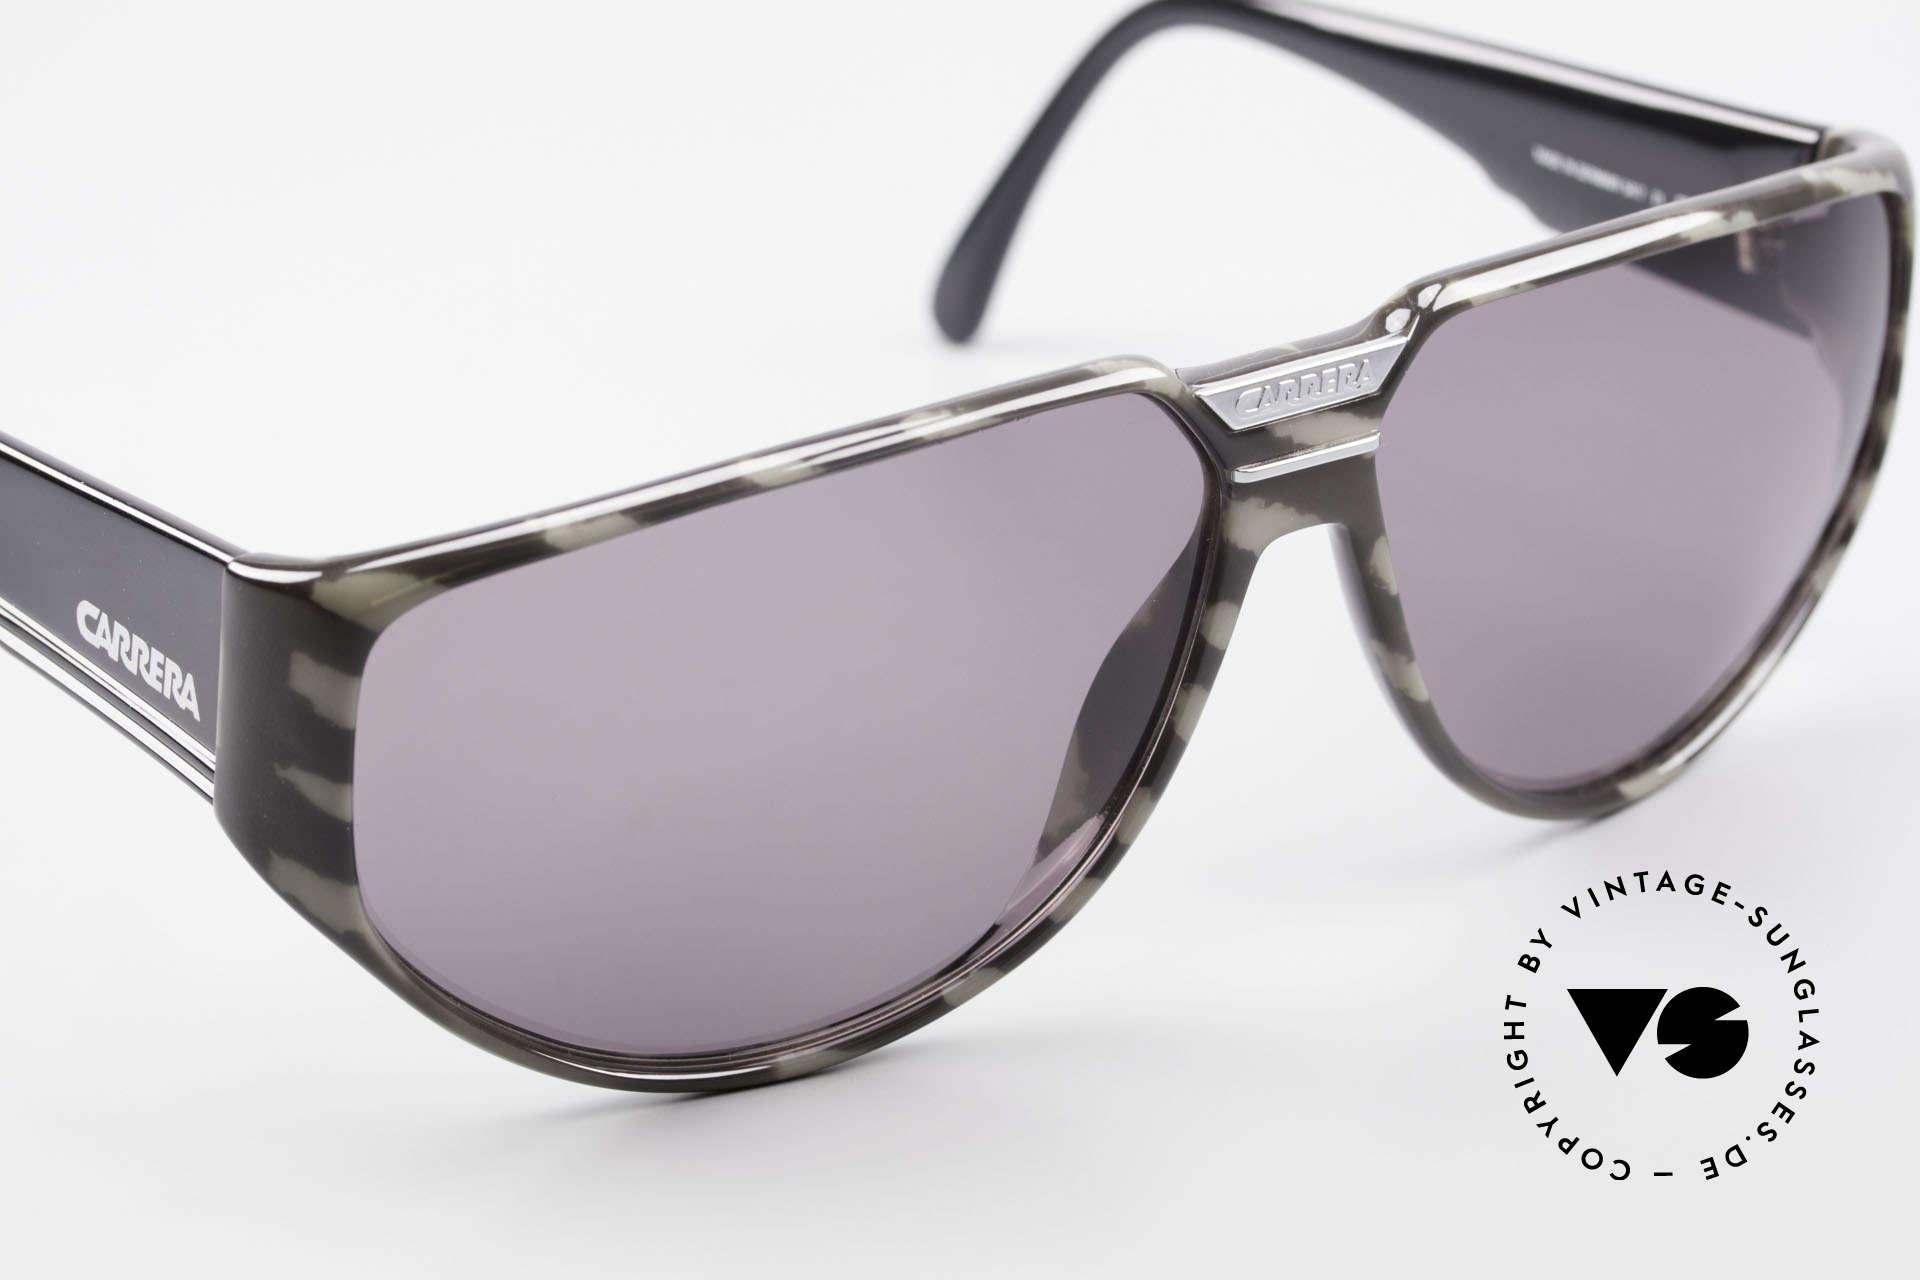 Carrera 5417 Camouflage Sportsonnenbrille, 30 Jahre altes Unikat glänzt wie soeben produziert, Passend für Herren